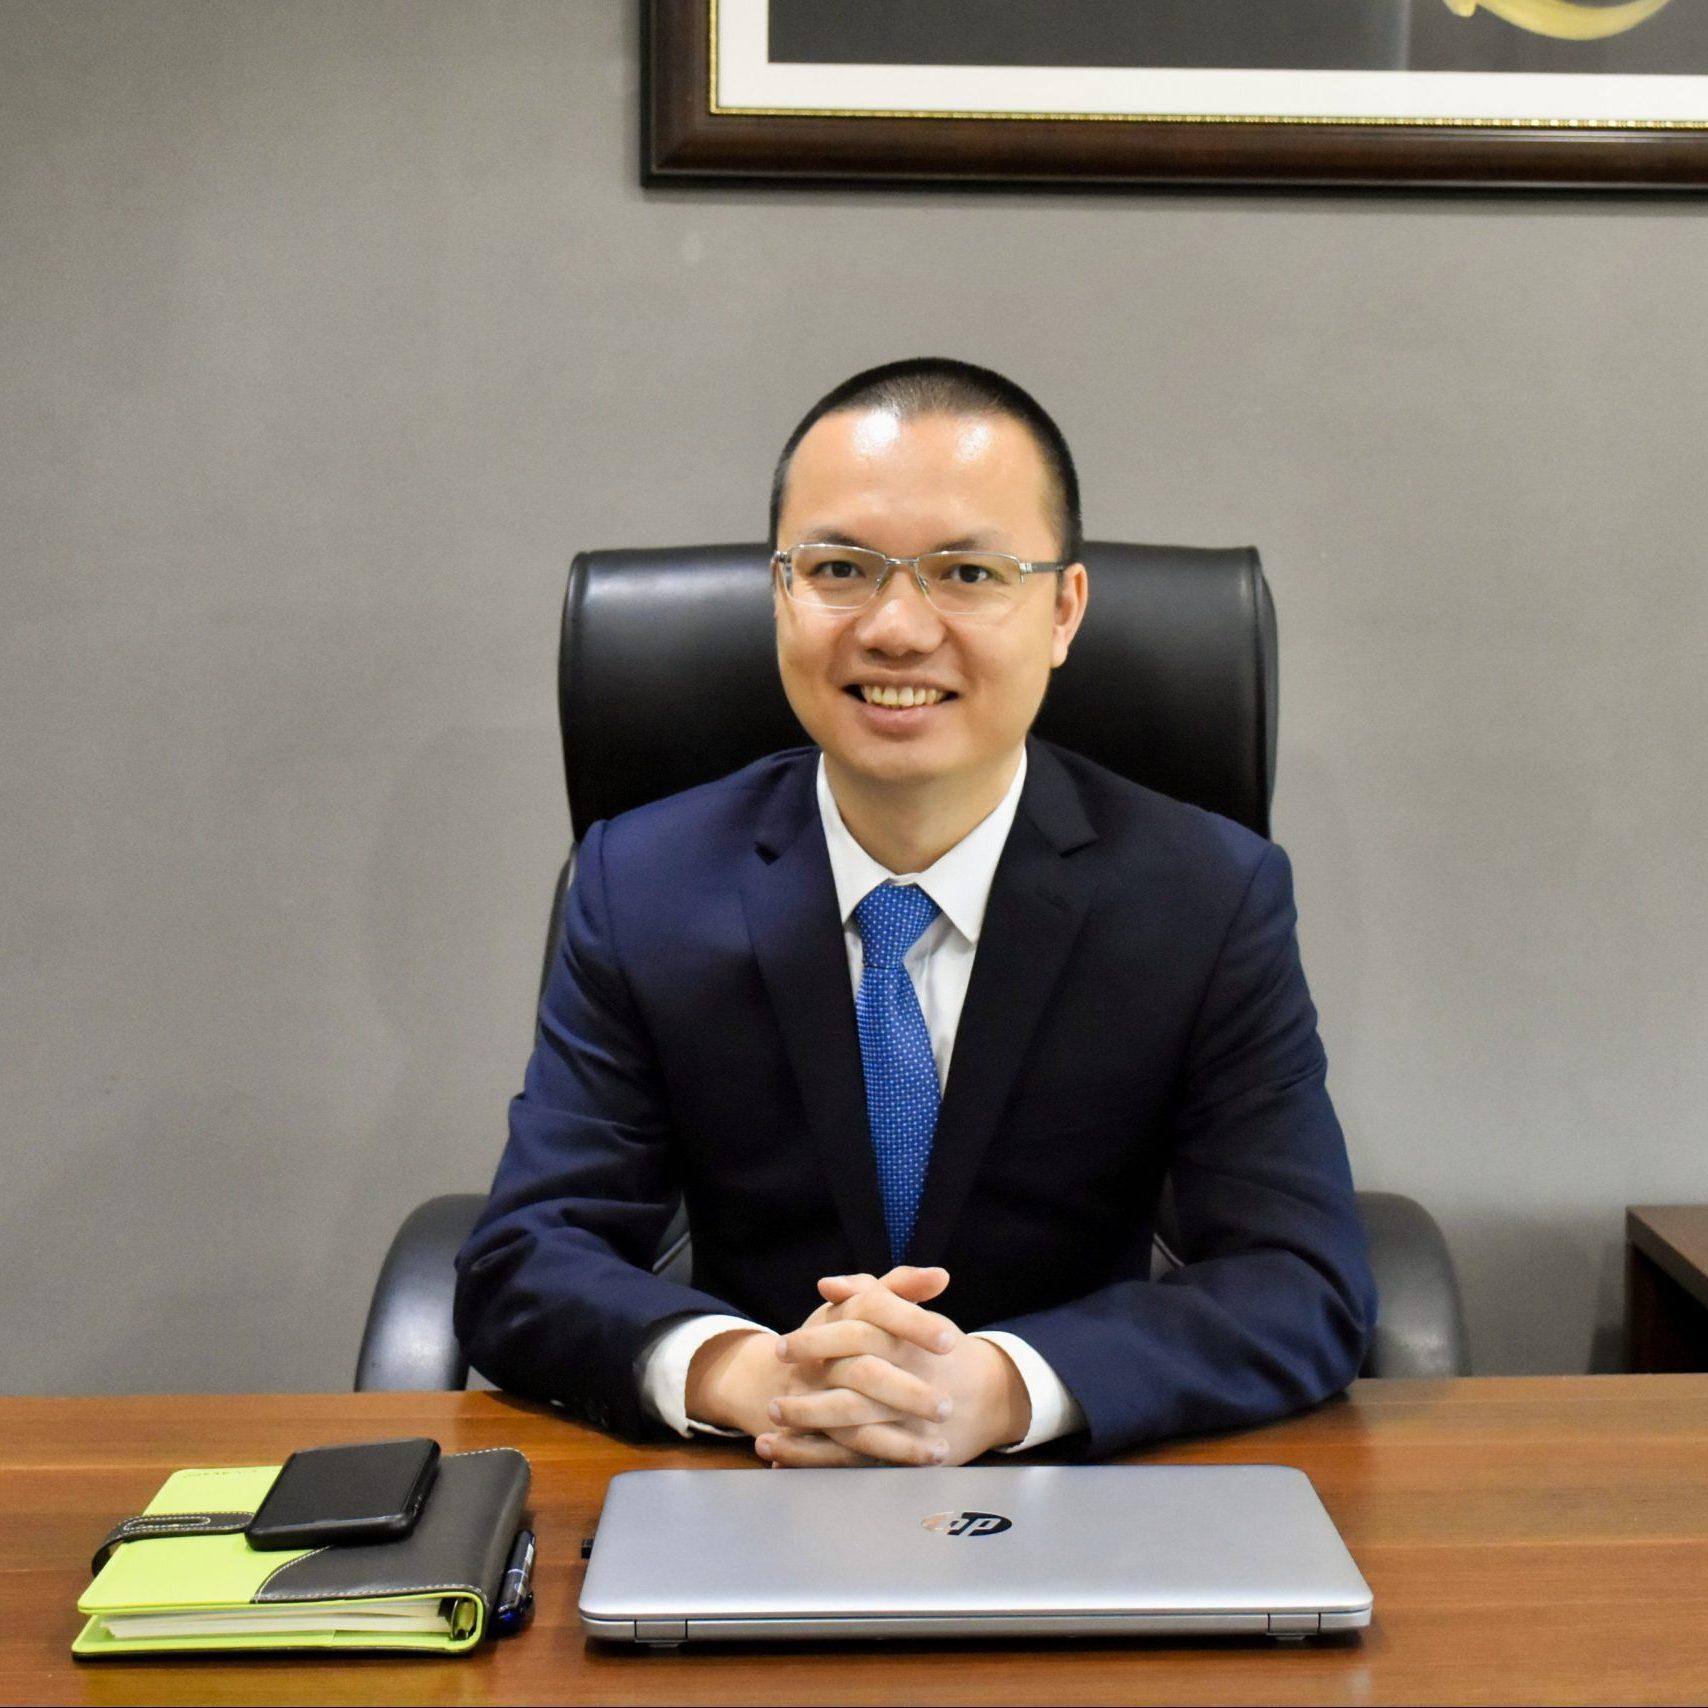 Mr. Trịnh Tùng Bách